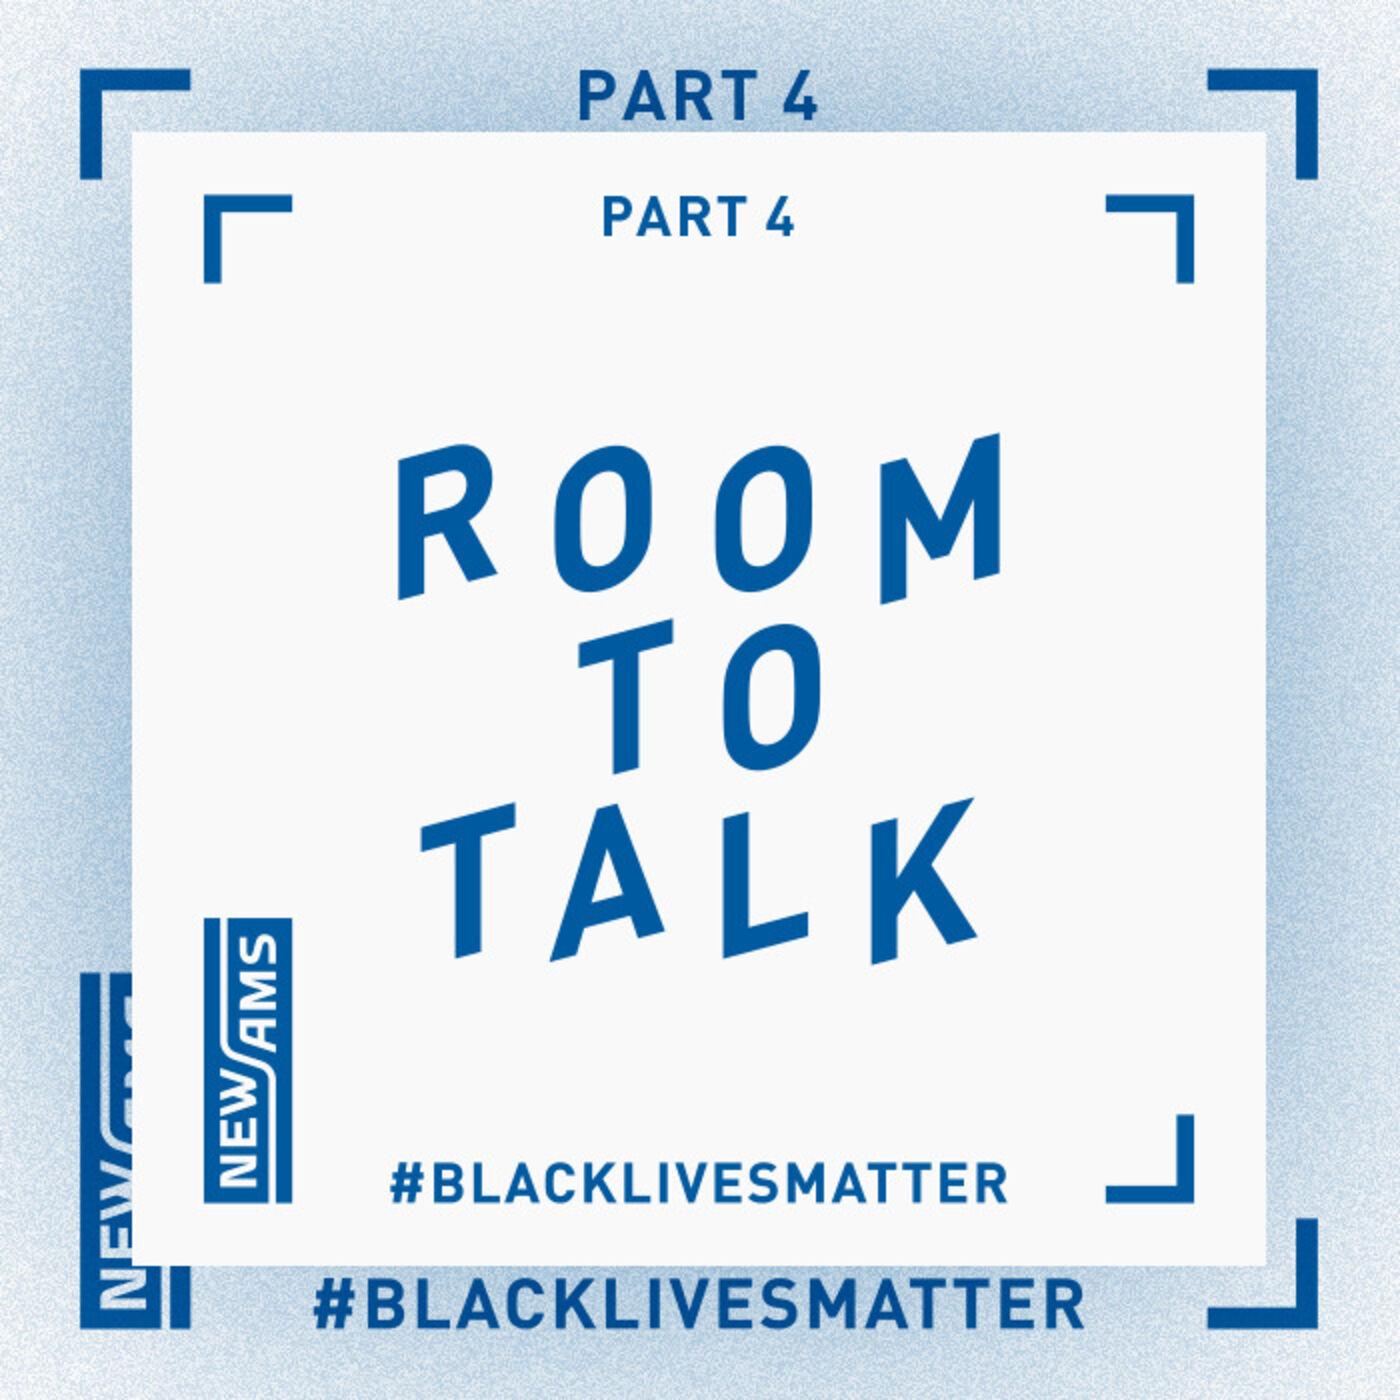 Room to Talk: Black Lives Matter Part 4